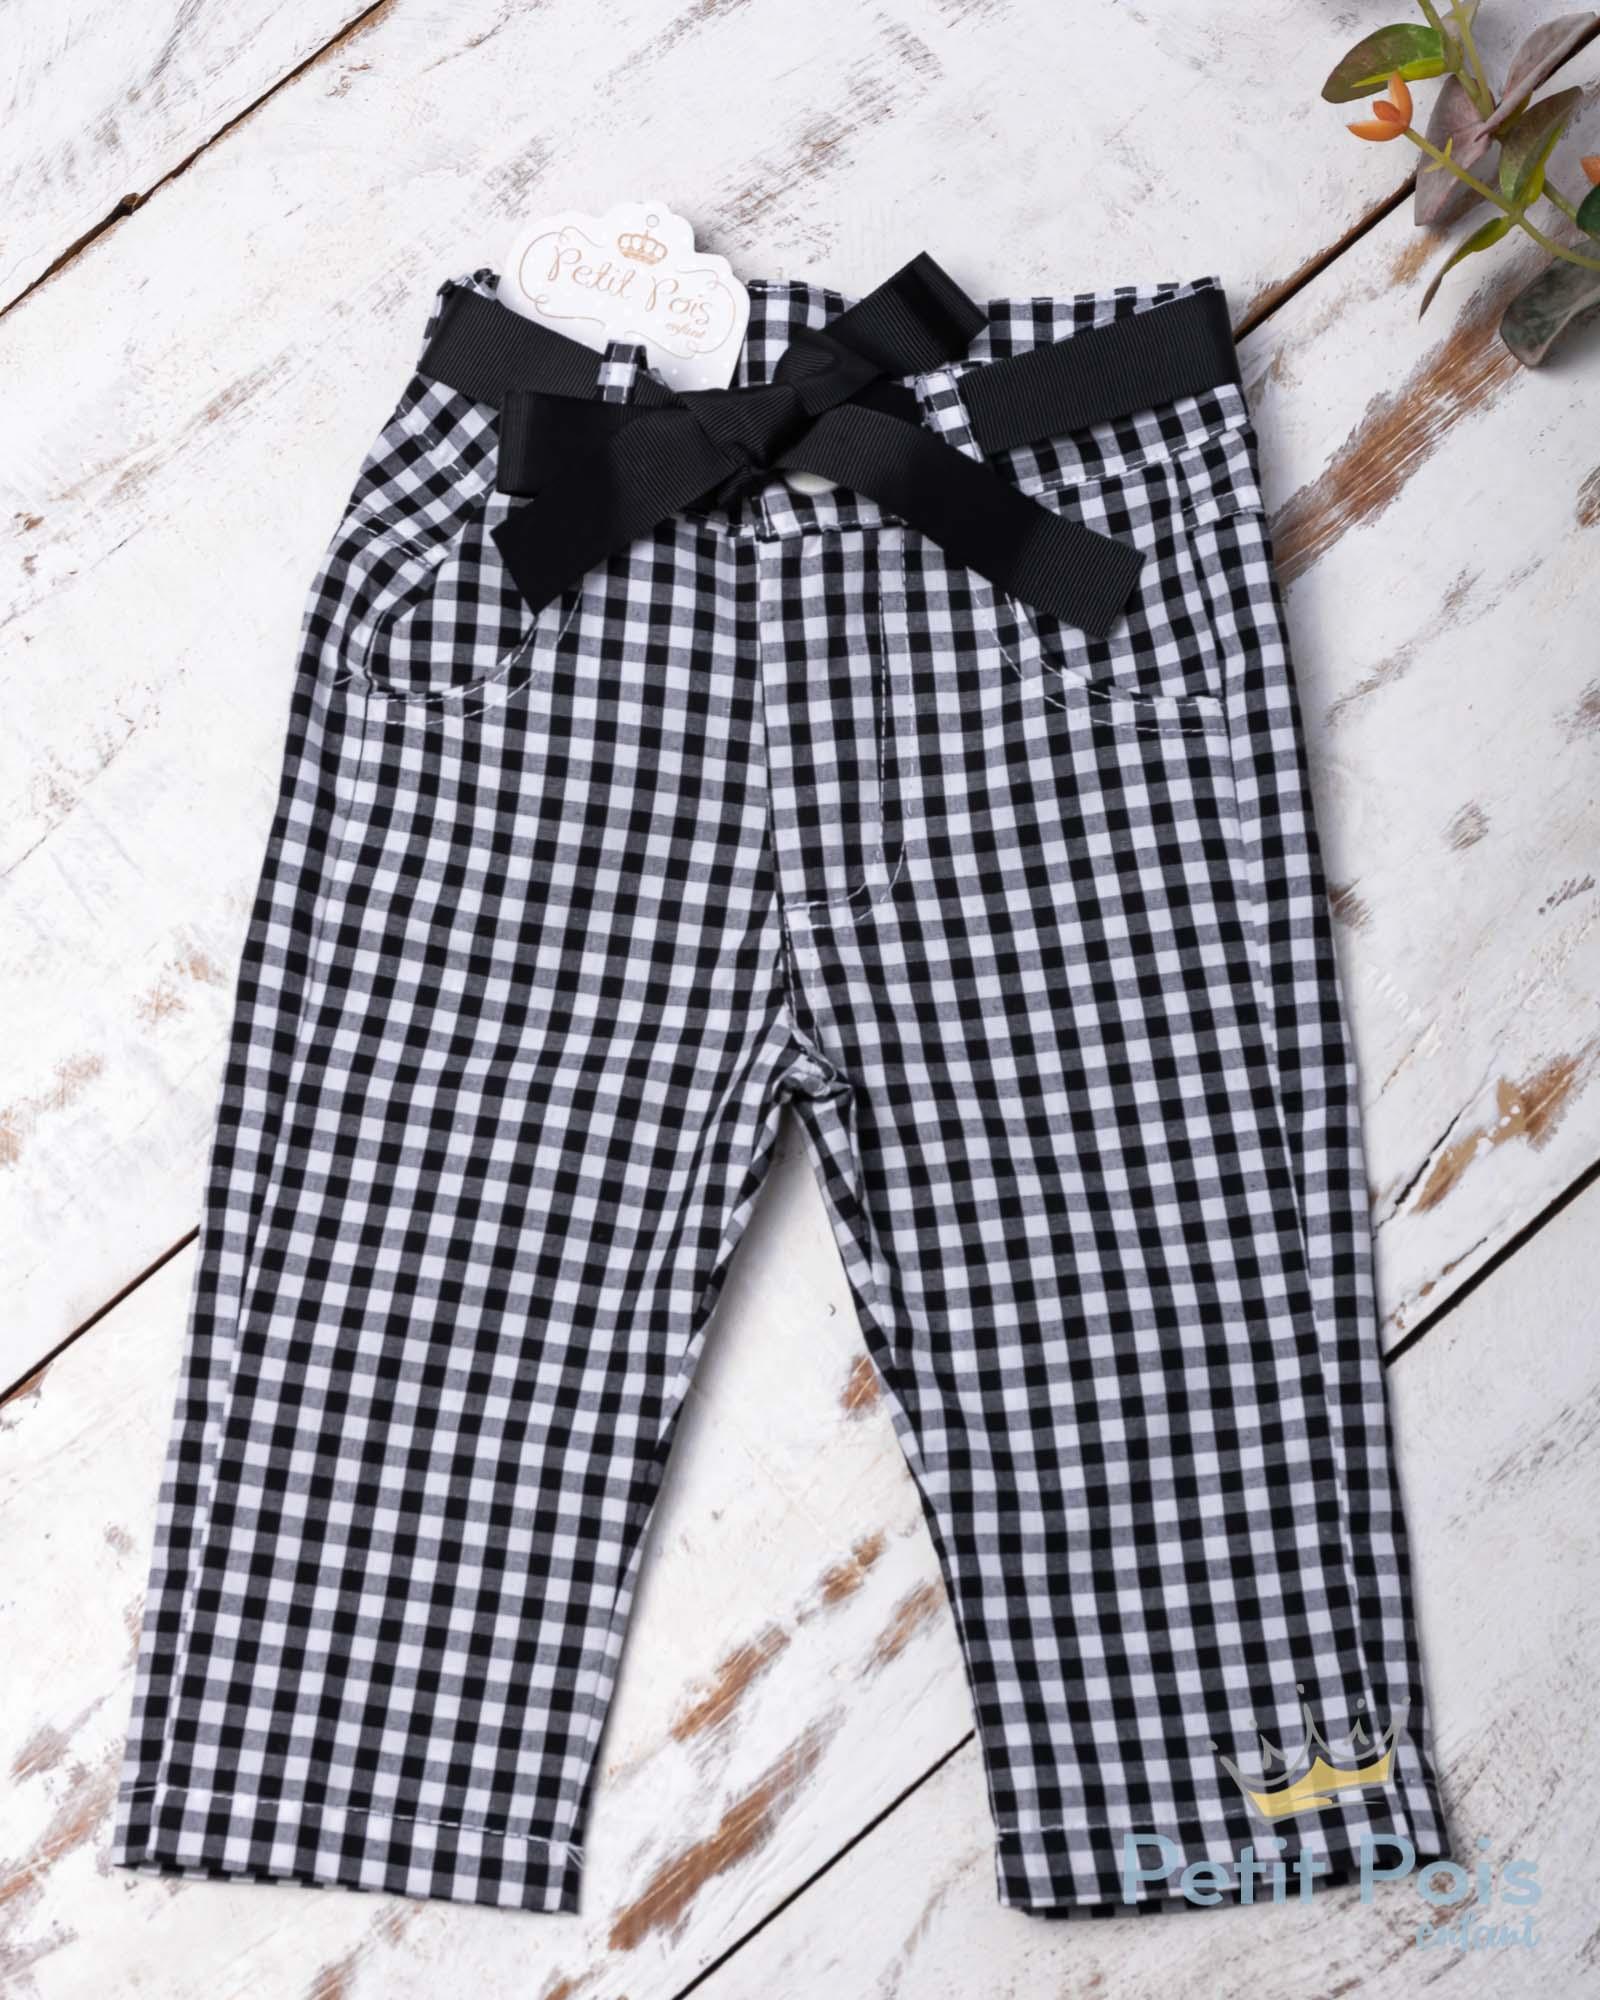 Conjunto com bata e calça - Branco e preto